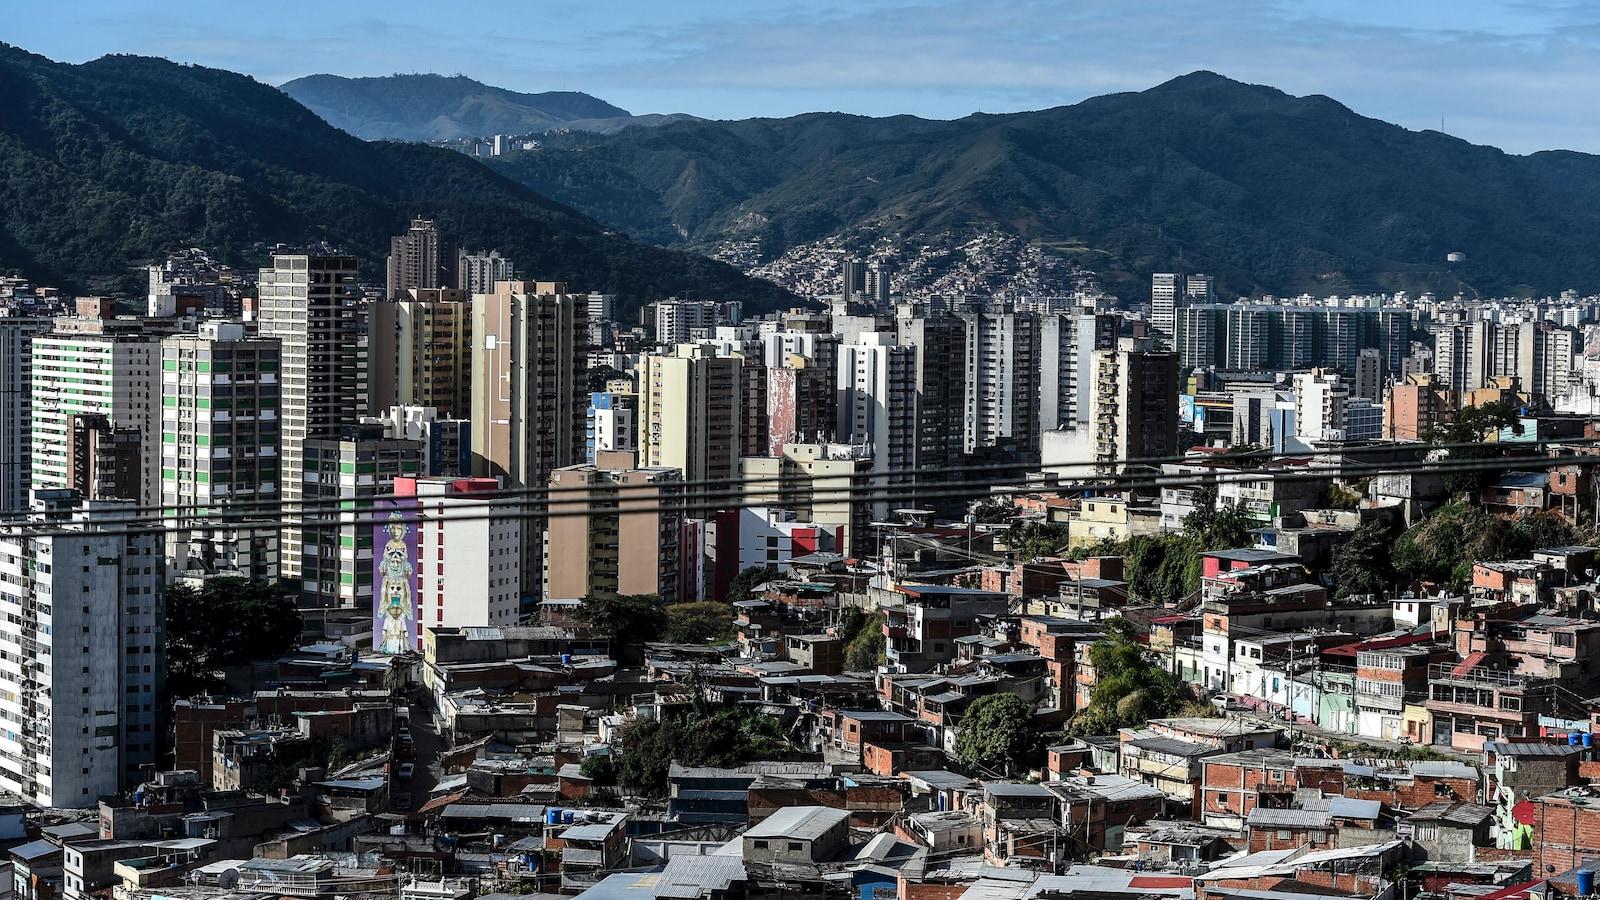 Une vue aérienne d'immeubles de Caracas.